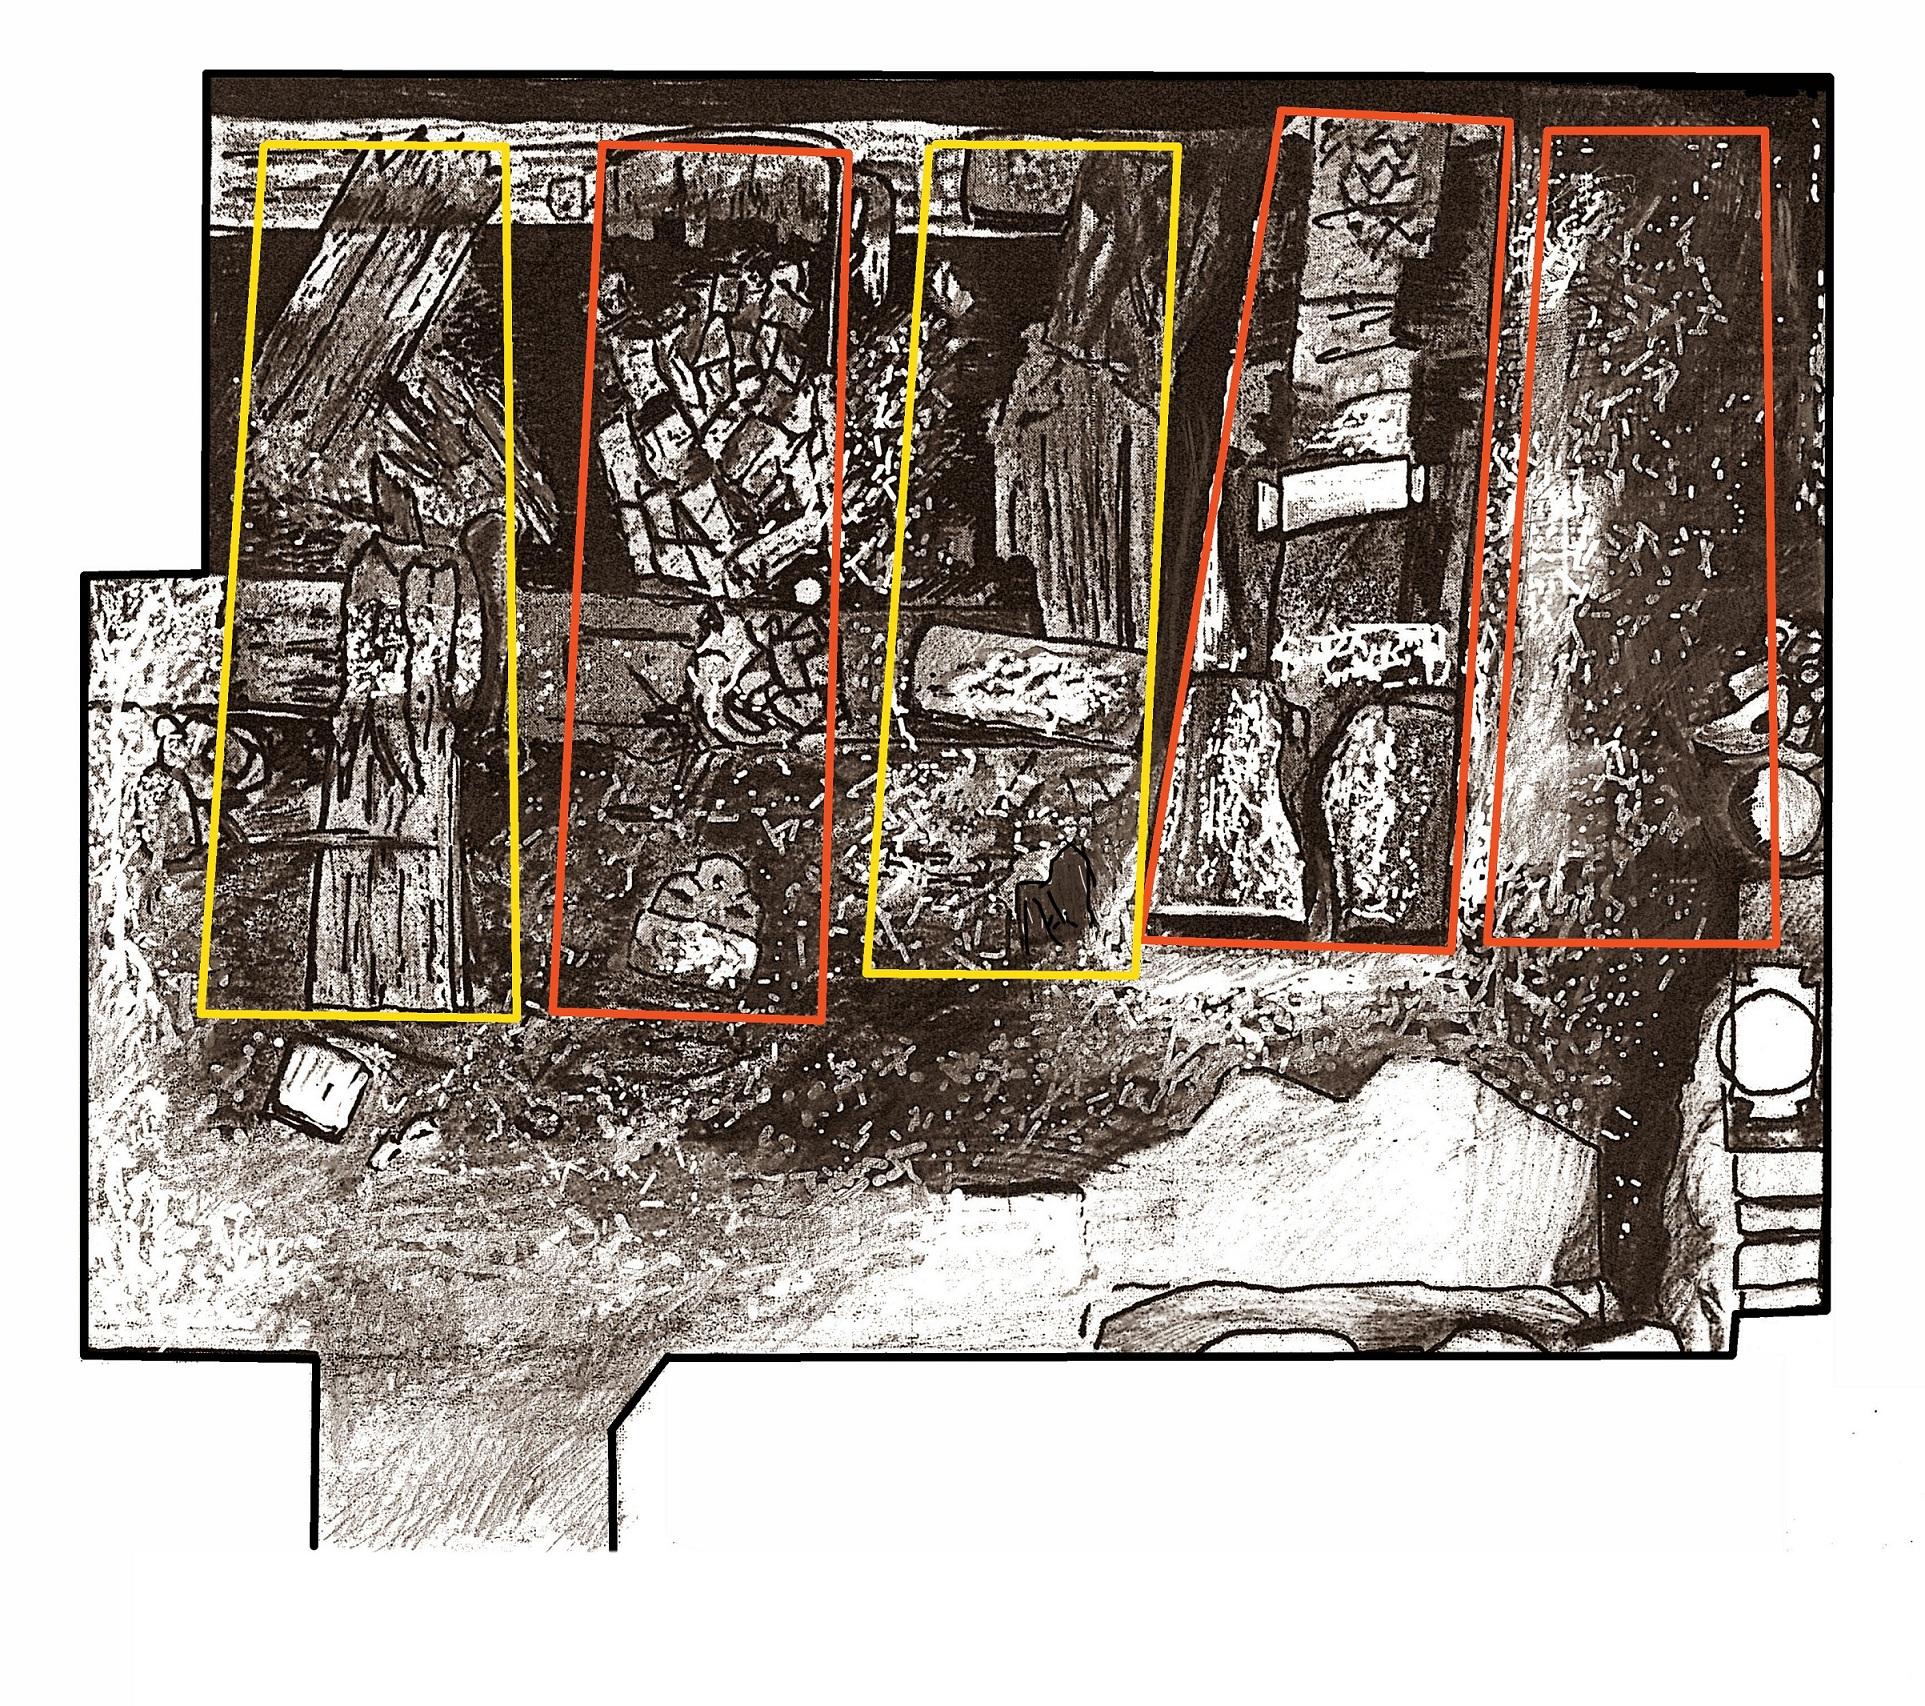 18 pav. Valdovų palaikų padėtis kriptoje su pažymėtomis karstų vietomis. Piešinio autorius S. Poderis